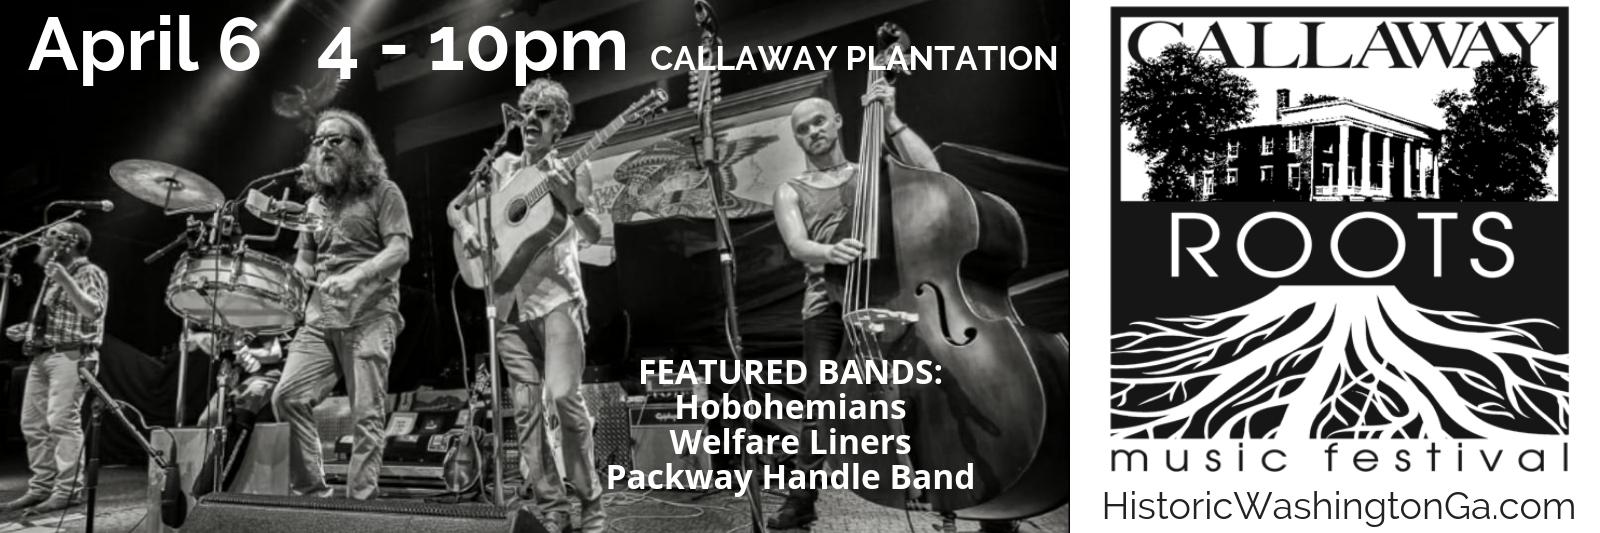 Callaway-Roots-Concert-slider.jpg